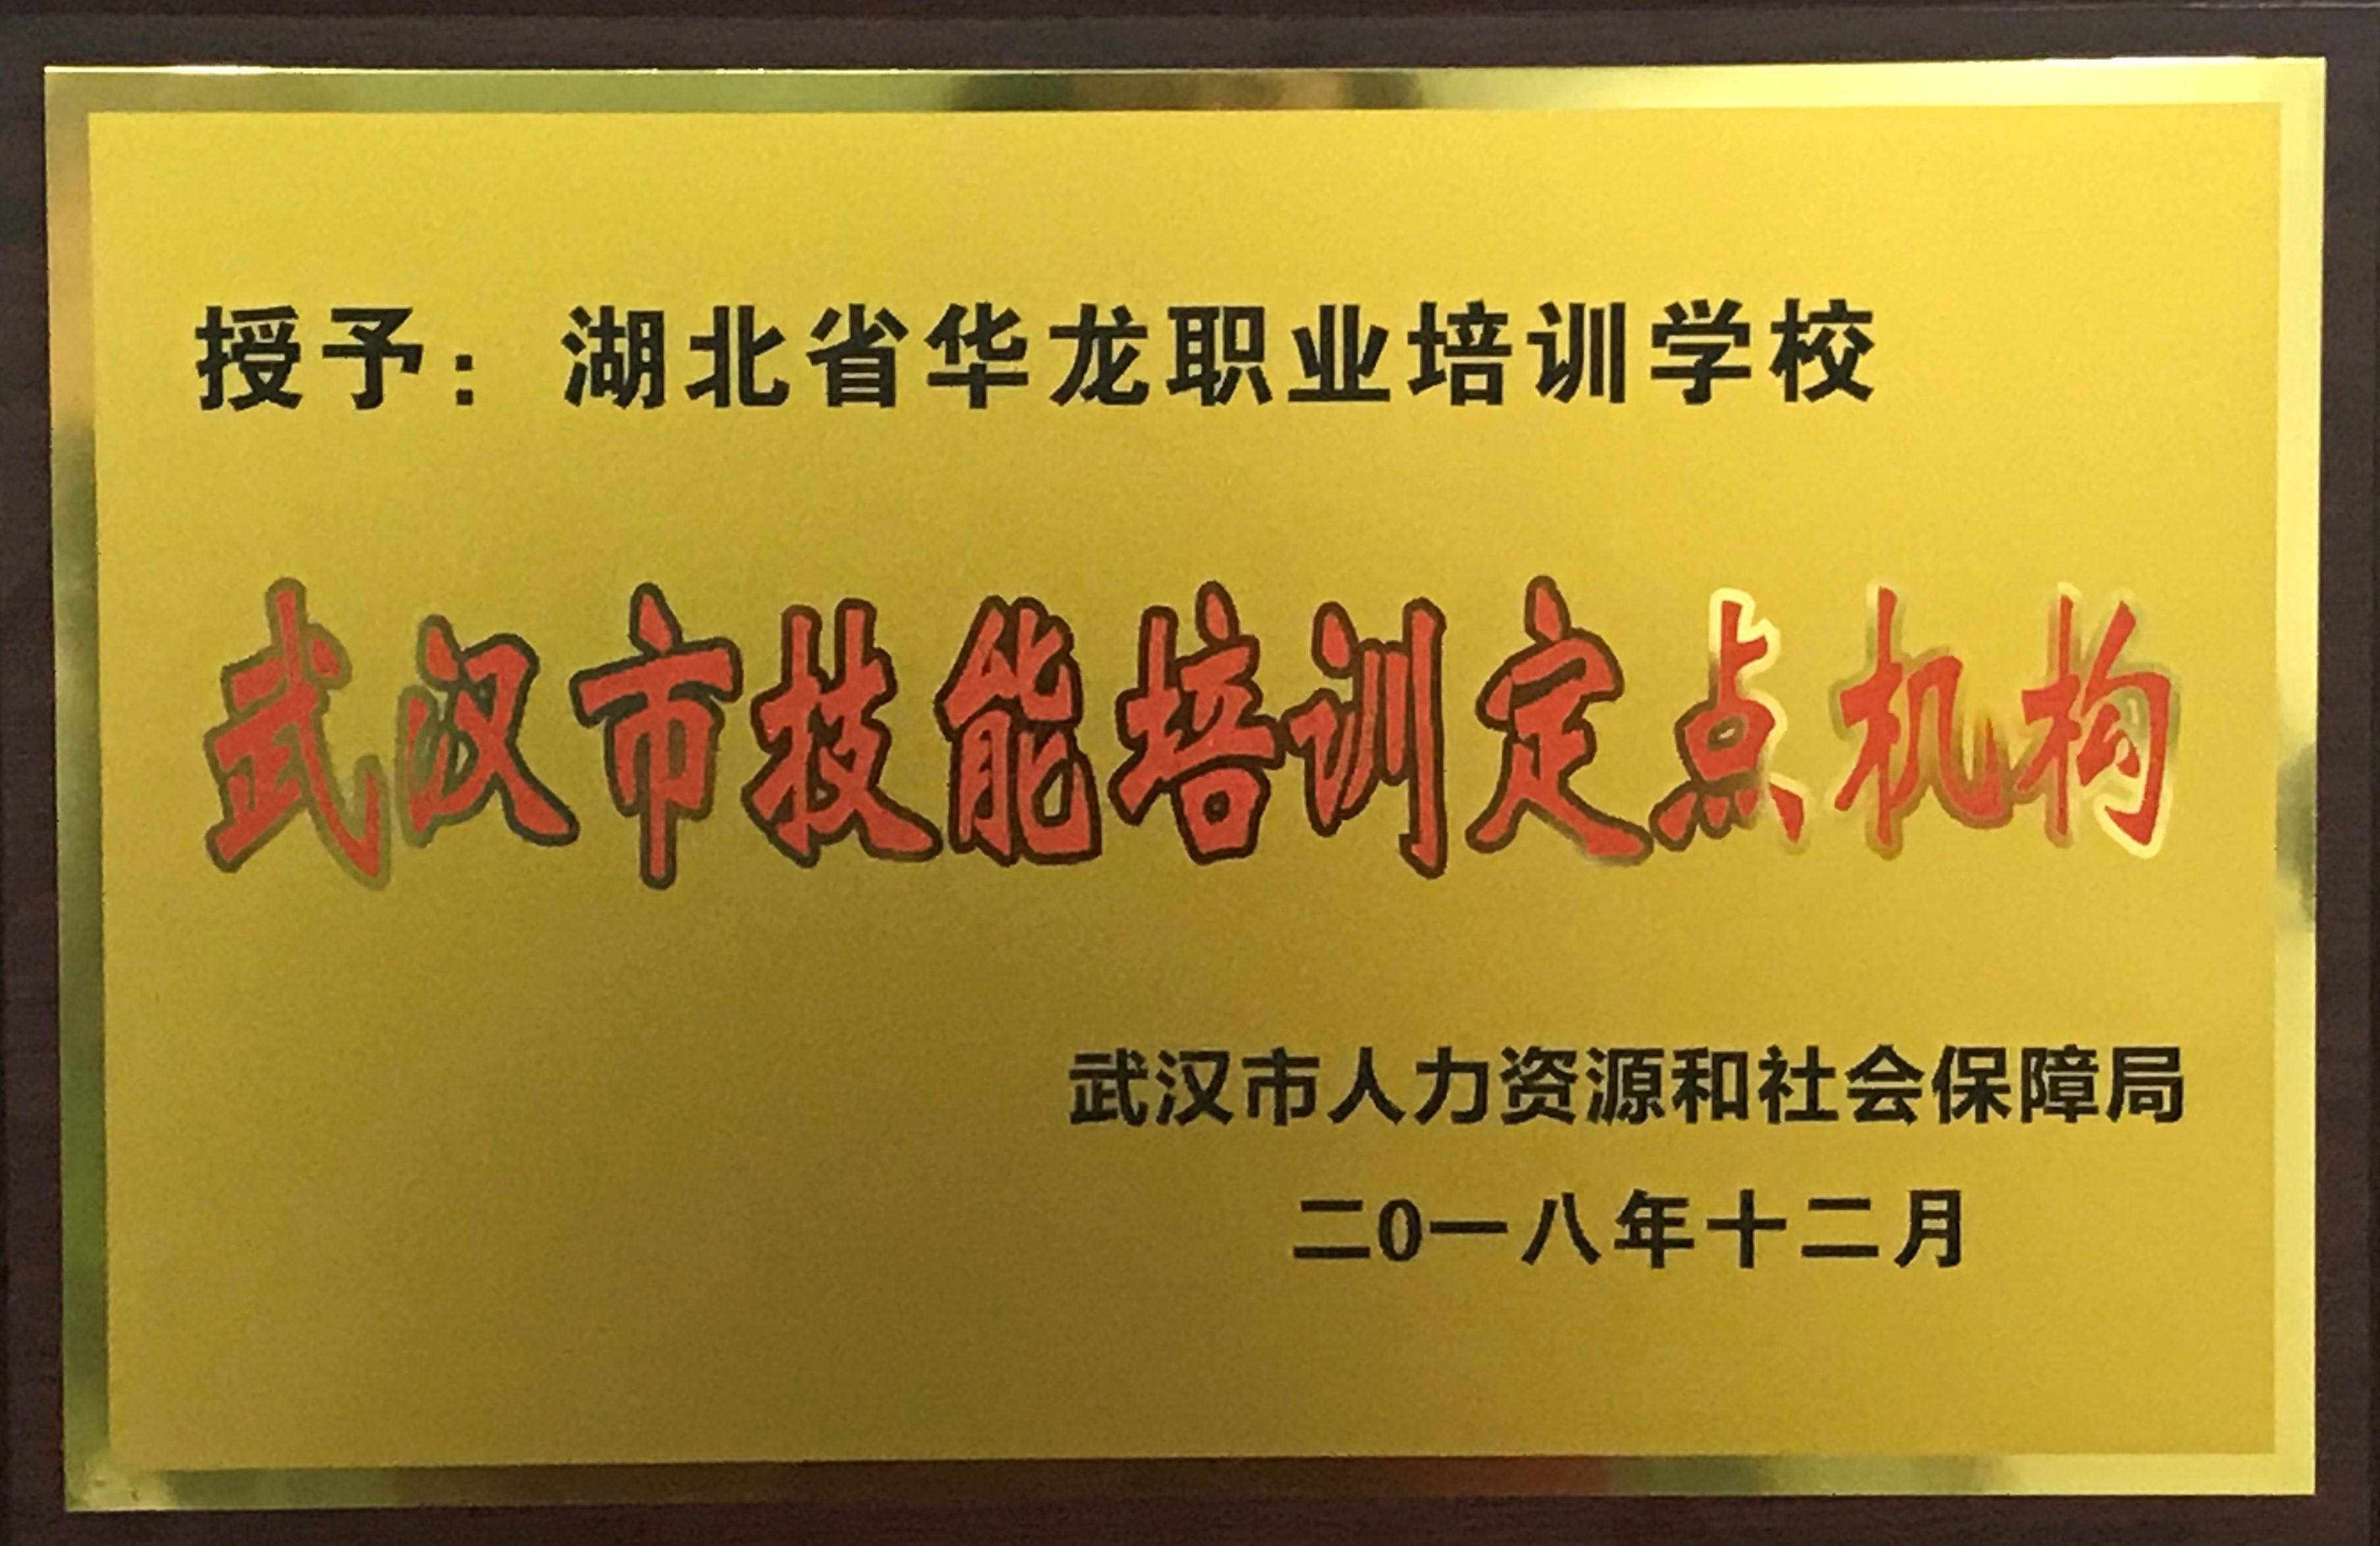 武汉市技能培训定点机构